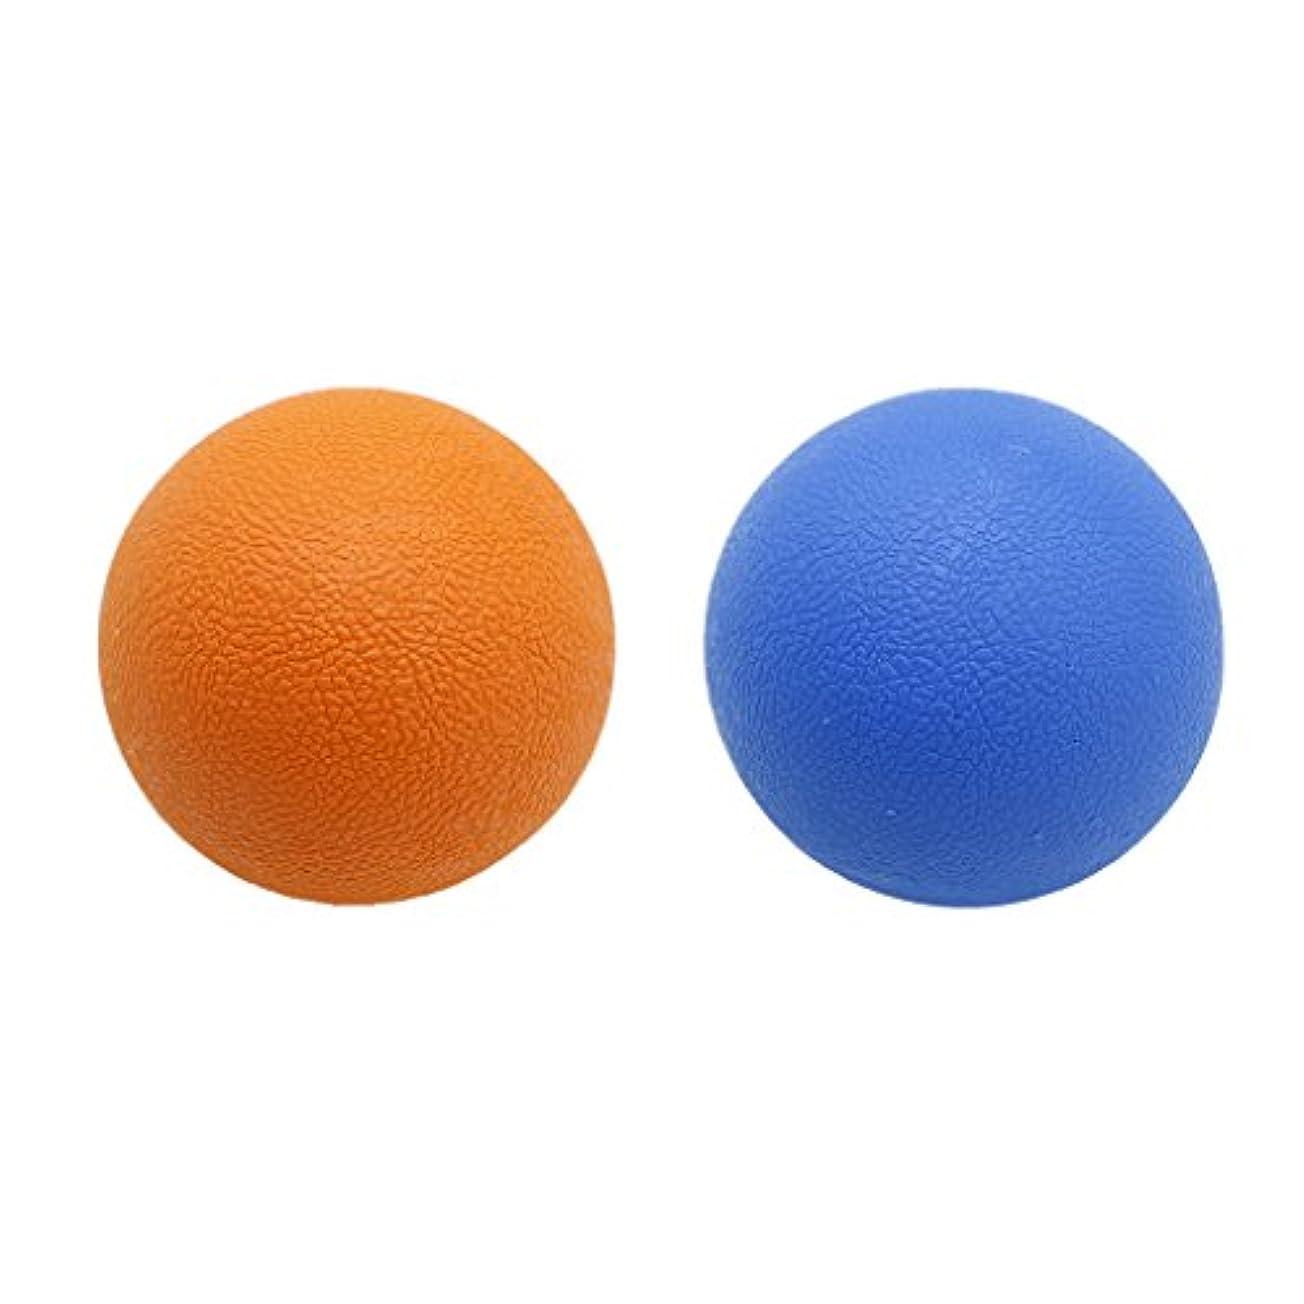 侵略経度知事Perfk 2個 マッサージボール ストレッチボール トリガーポイント トレーニング マッサージ リラックス 便利 多色選べる - オレンジブルー